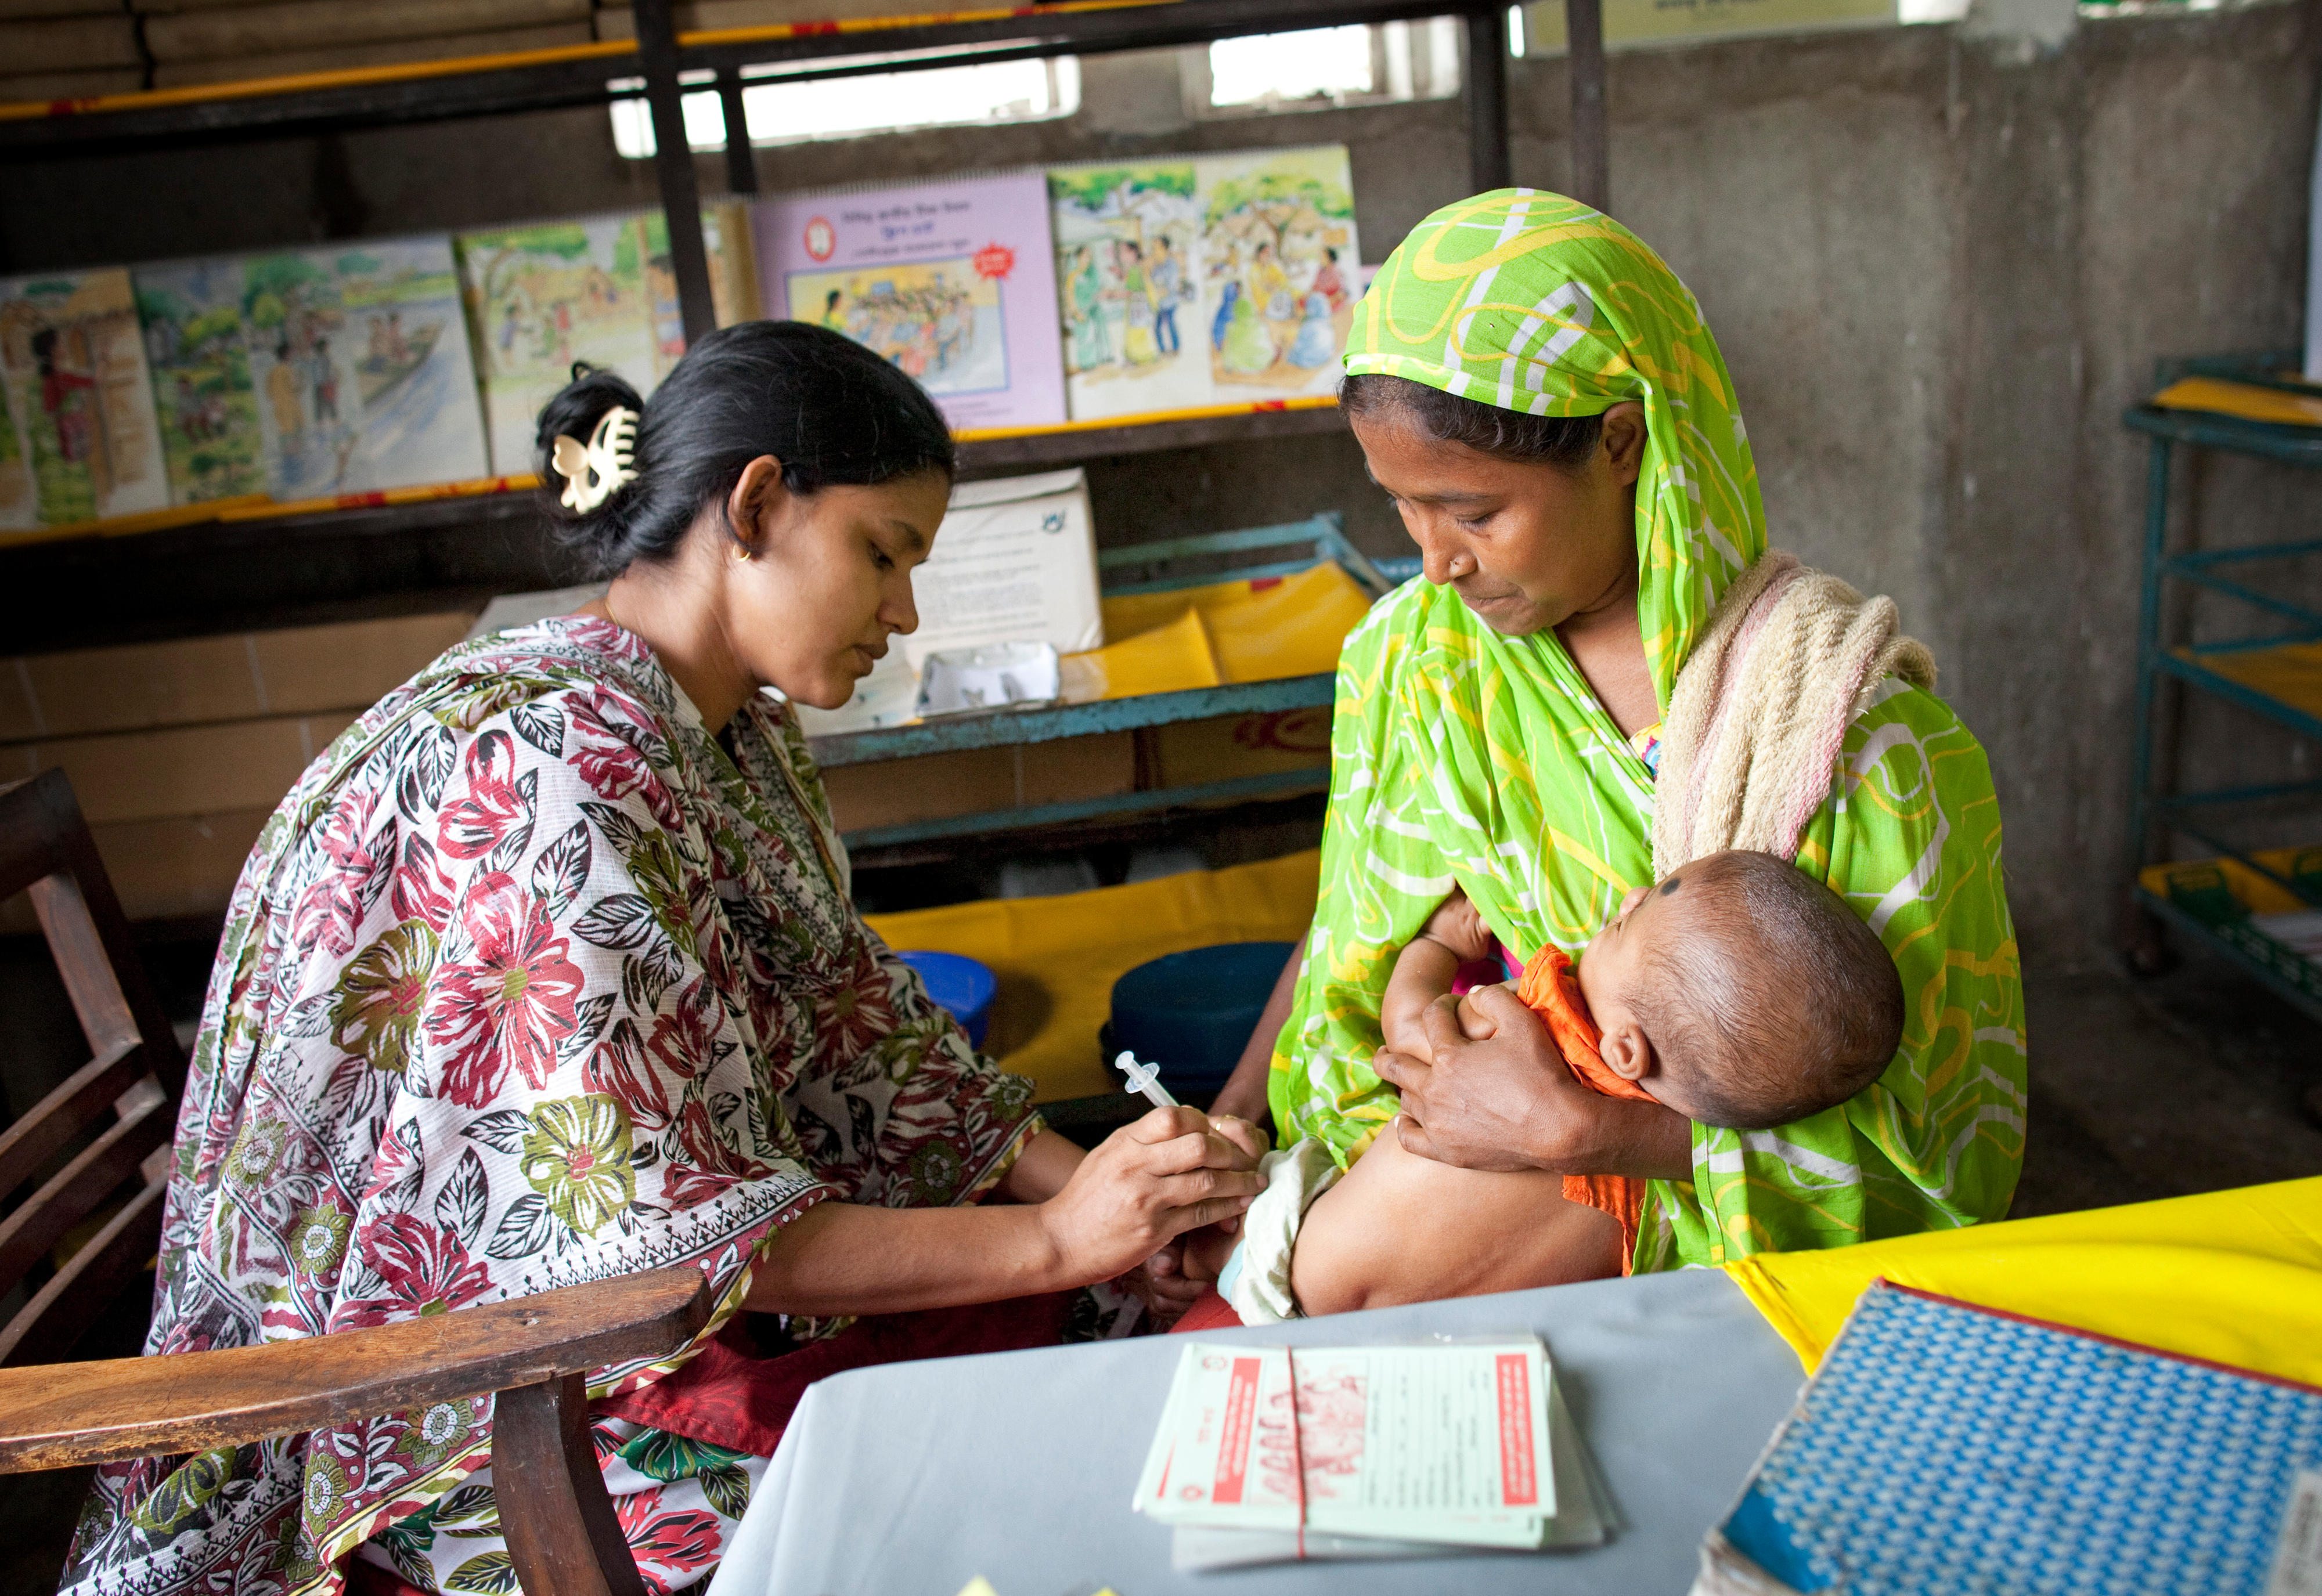 Impfung eines Kleinkindes in Bangladesch